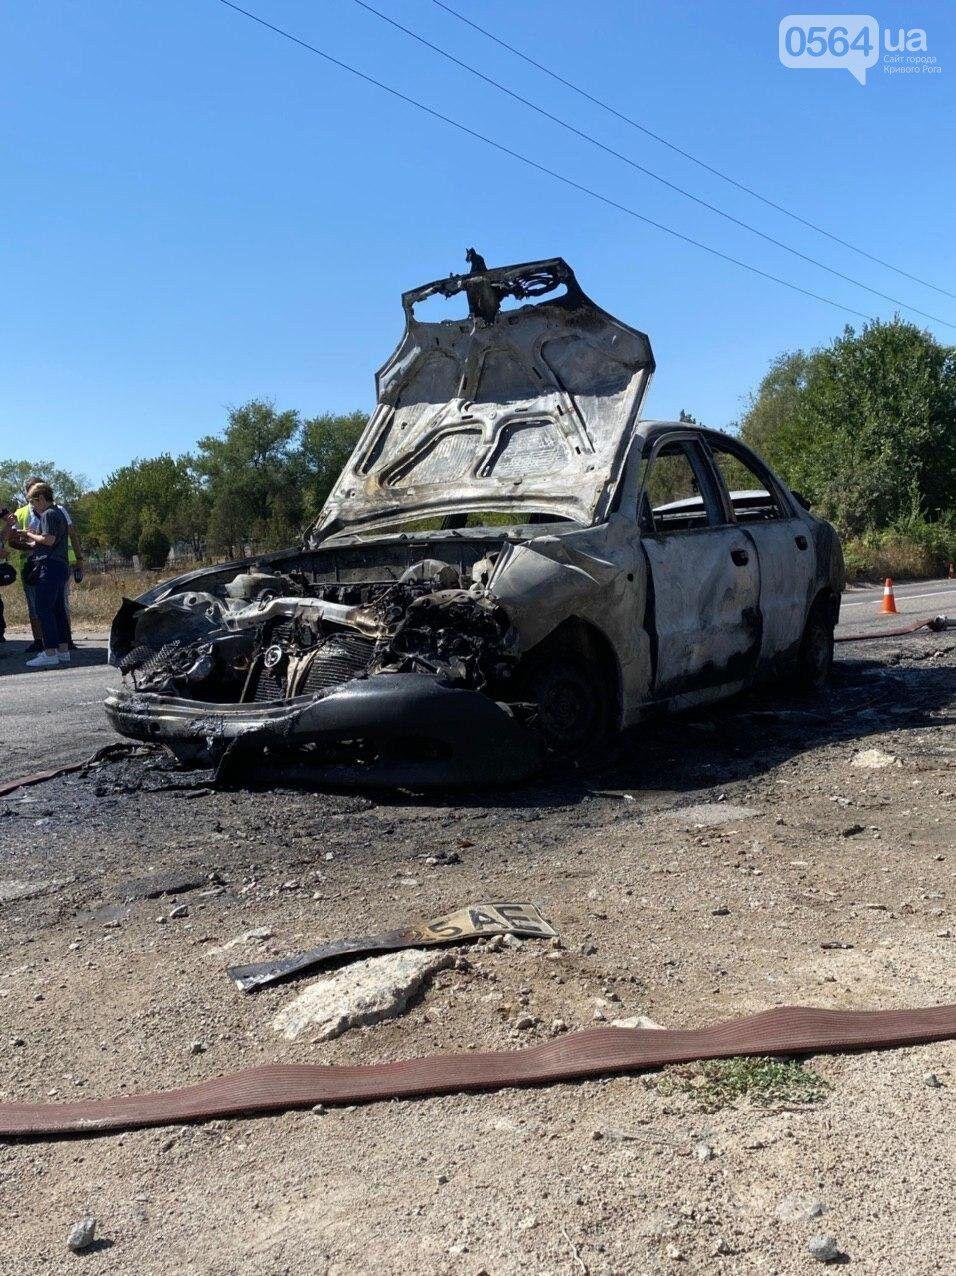 Авто загорілося після зіткнення з маршруткою.